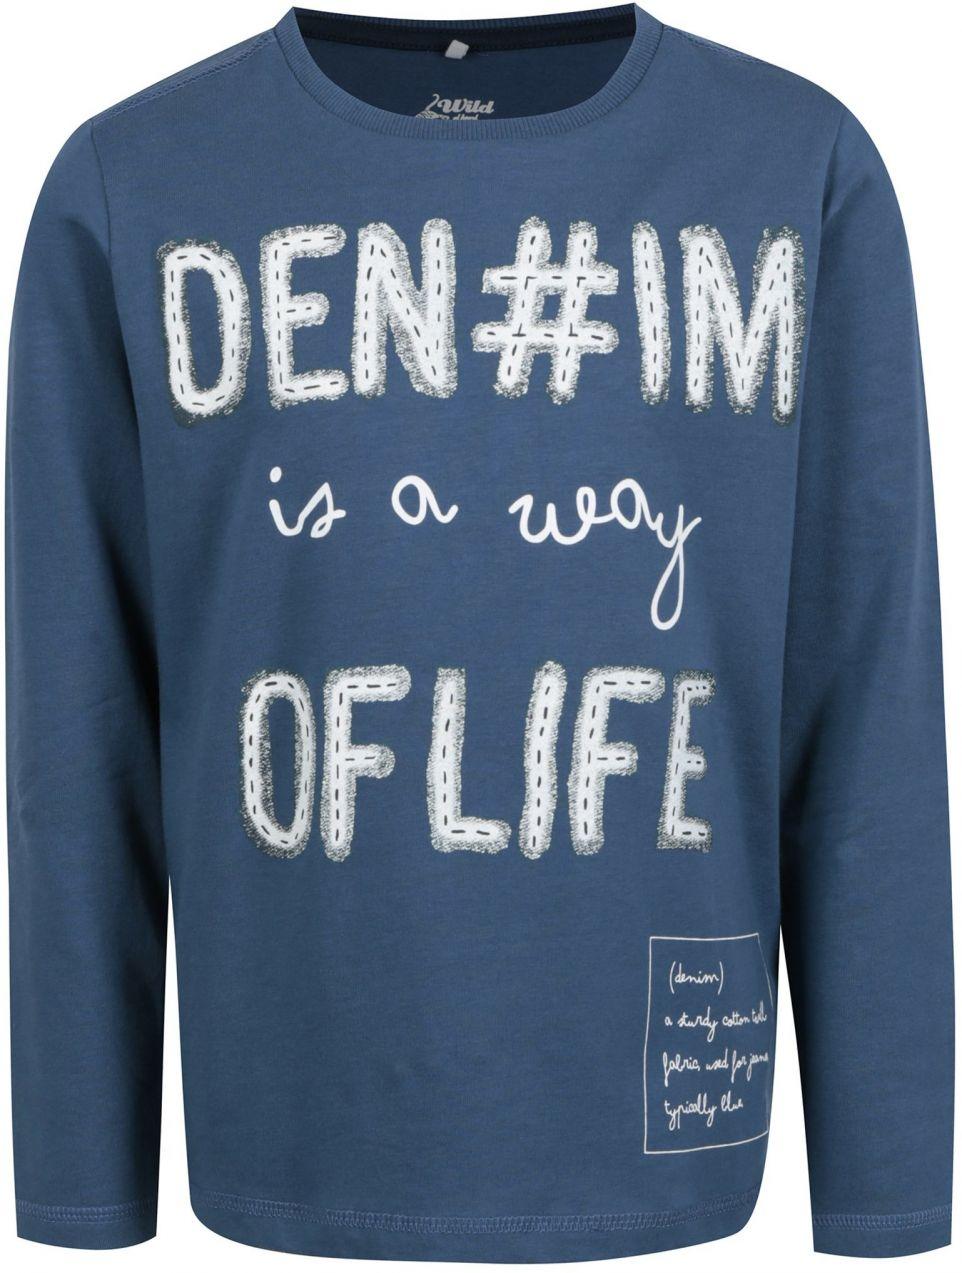 706f2cc3b98d Modré chlapčenské tričko s potlačou Name it Kenim značky name it - Lovely.sk